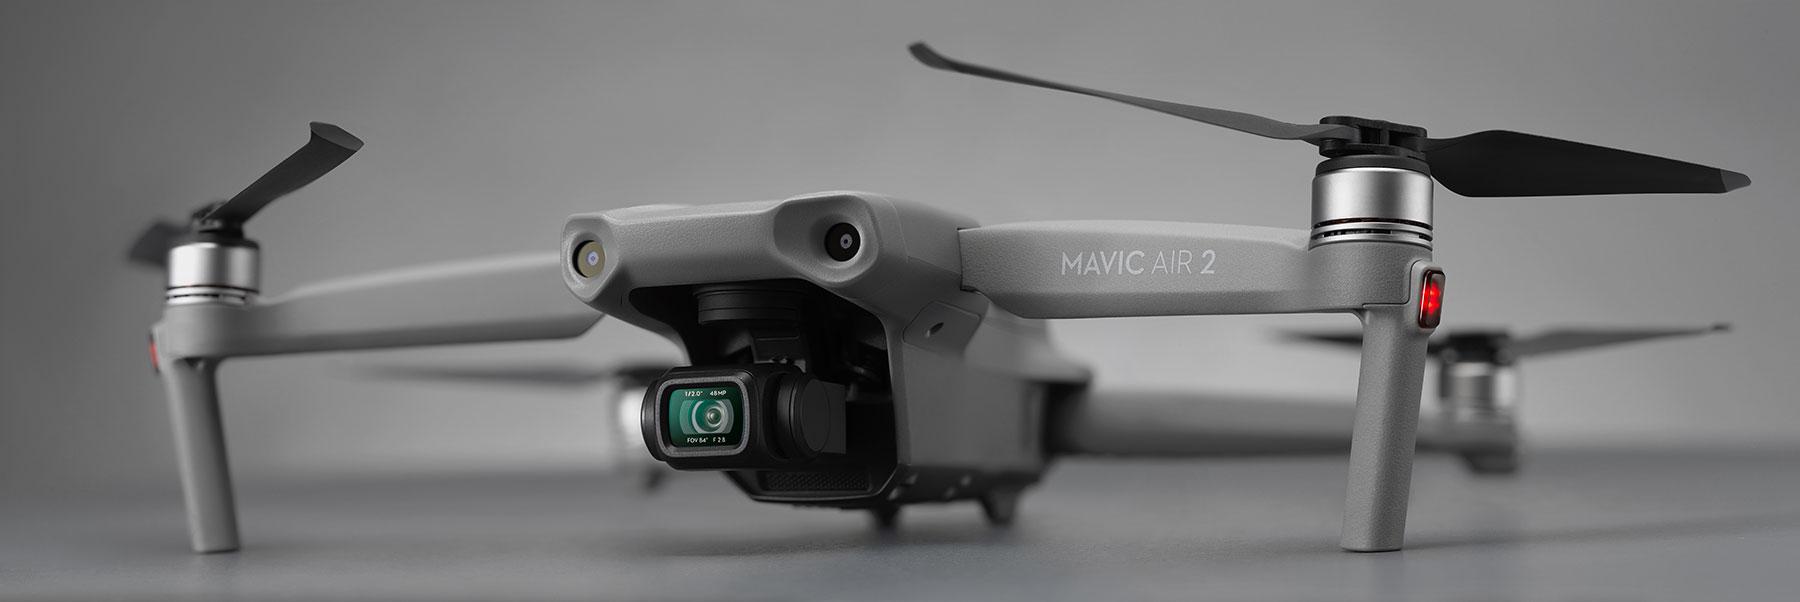 DJI представила складной дрон Mavic Air 2